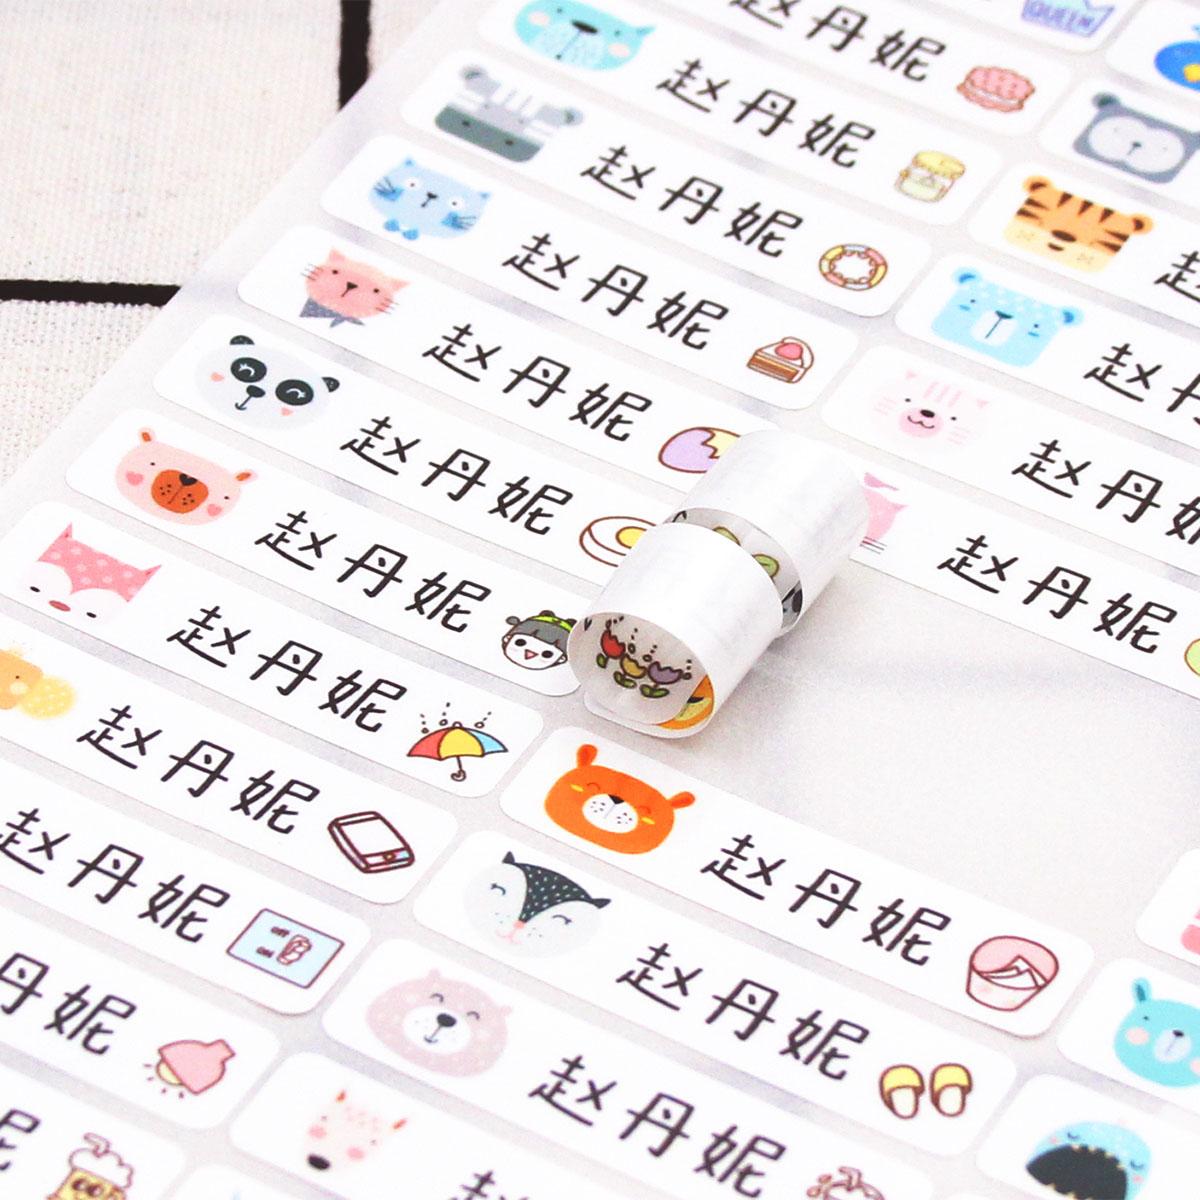 名字定制 姓名贴幼儿园儿童宝宝名字贴印章防水免缝 定做贴纸标签